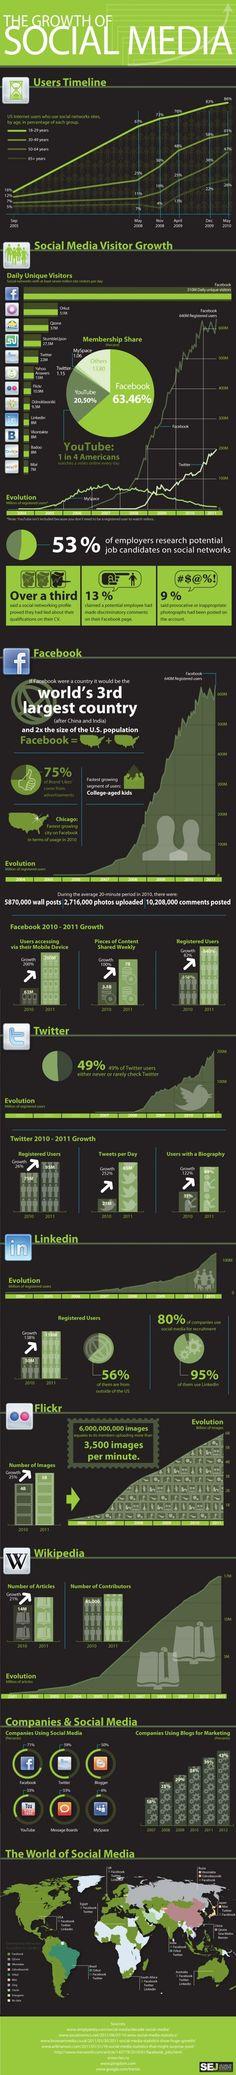 L'analisi della crescita dei social